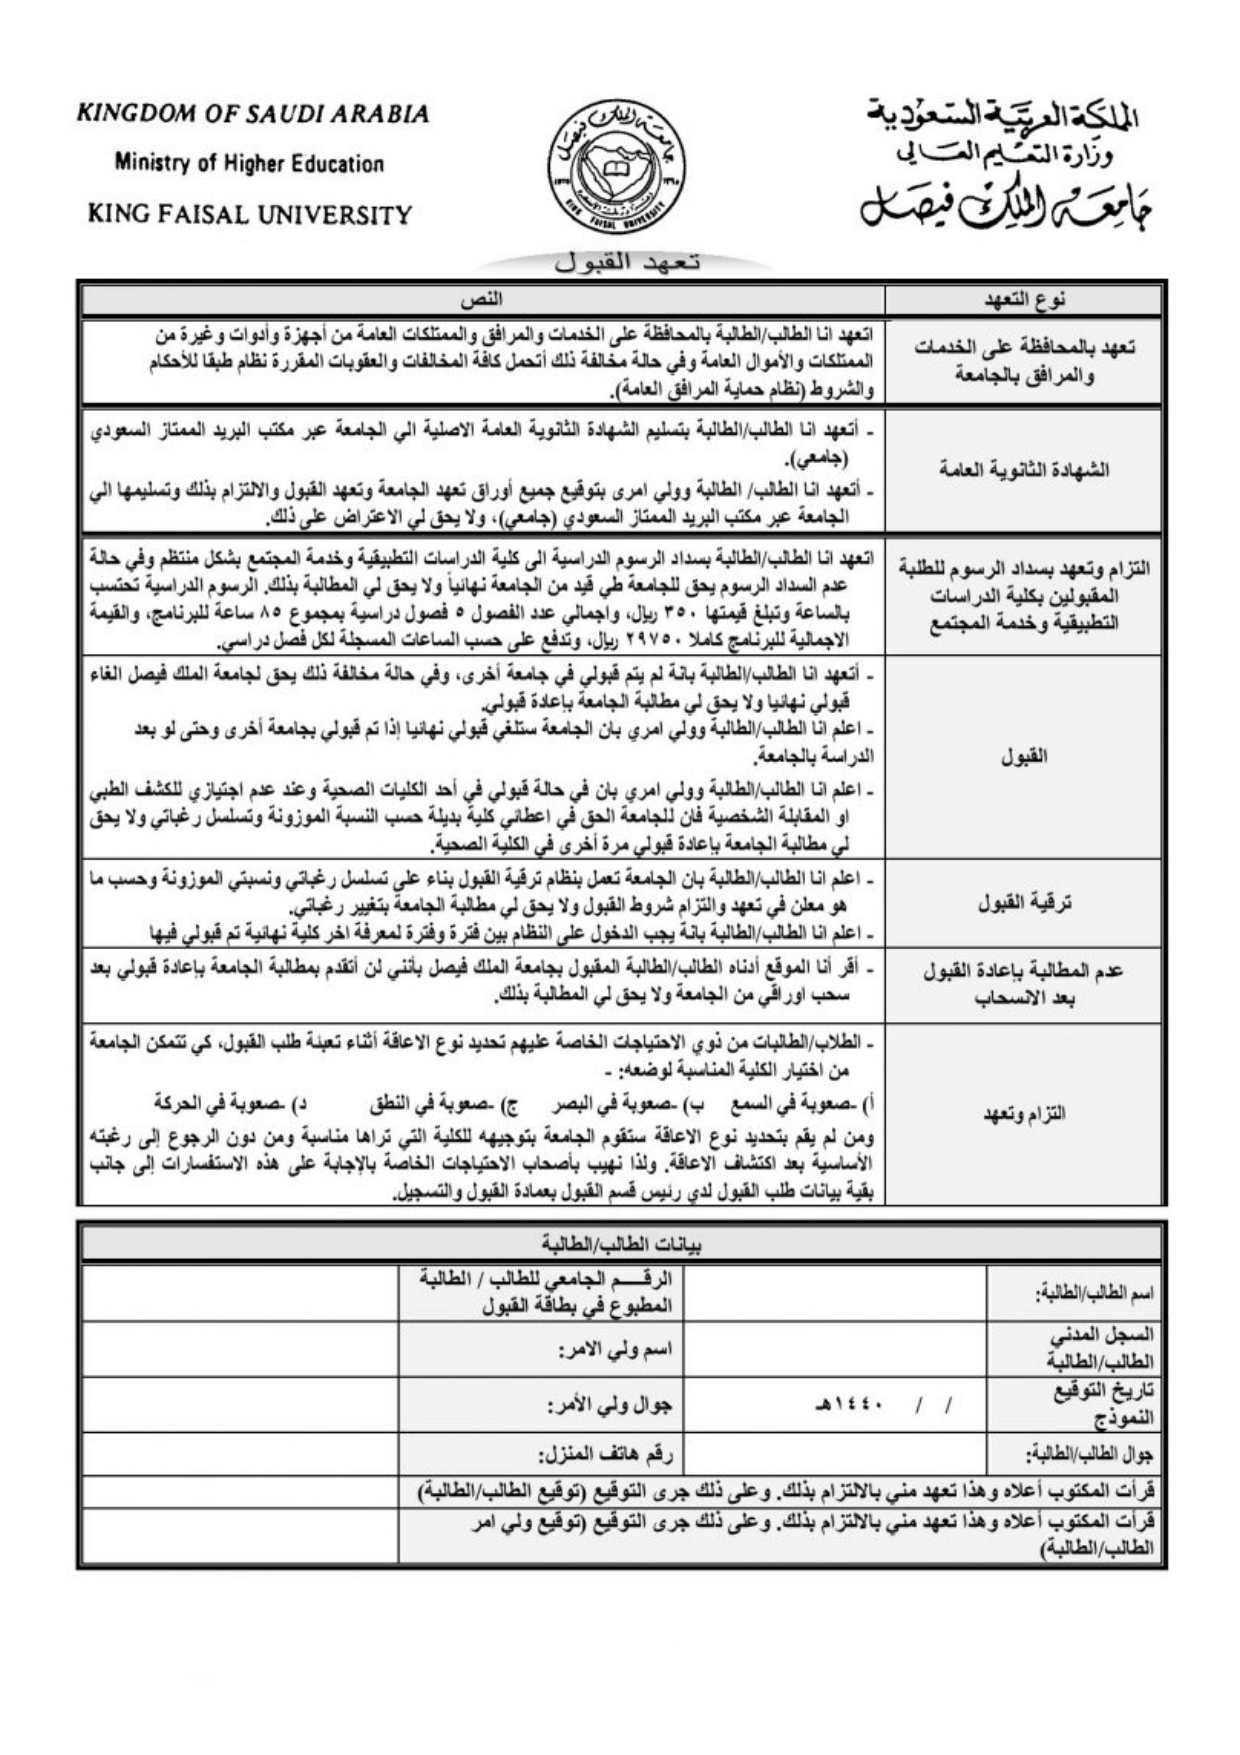 تحميل نموذج البريد الممتاز جامعة الملك فيصل Pdf